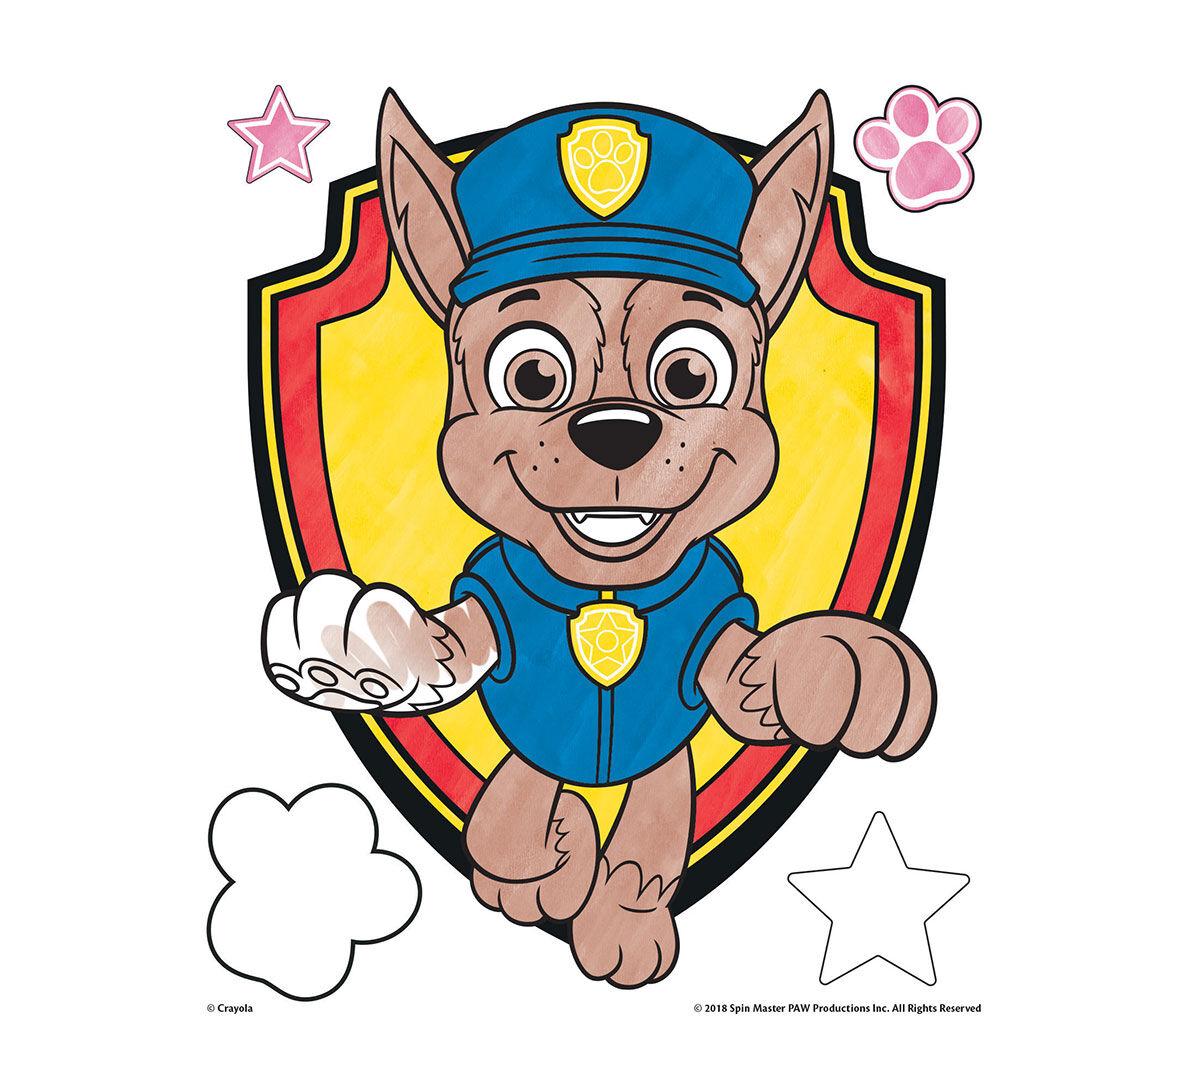 Color Wonder Paw Patrol Coloring Pages Set Crayola.com Crayola